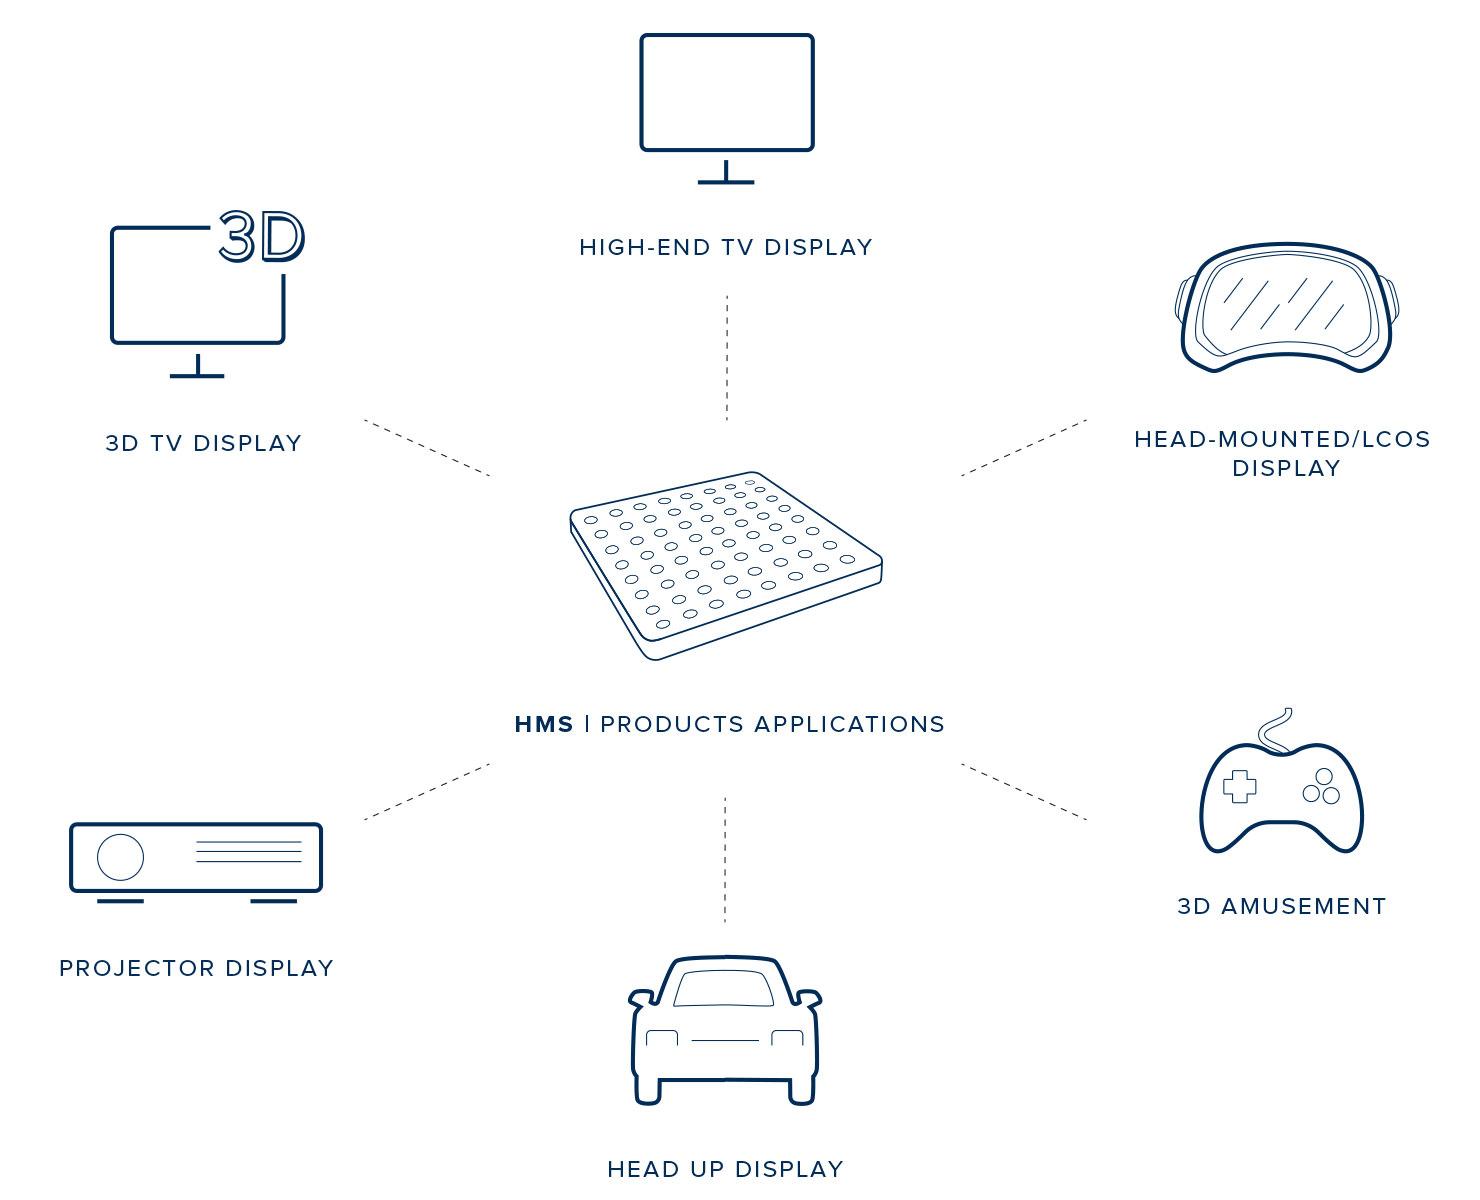 himax media solutions